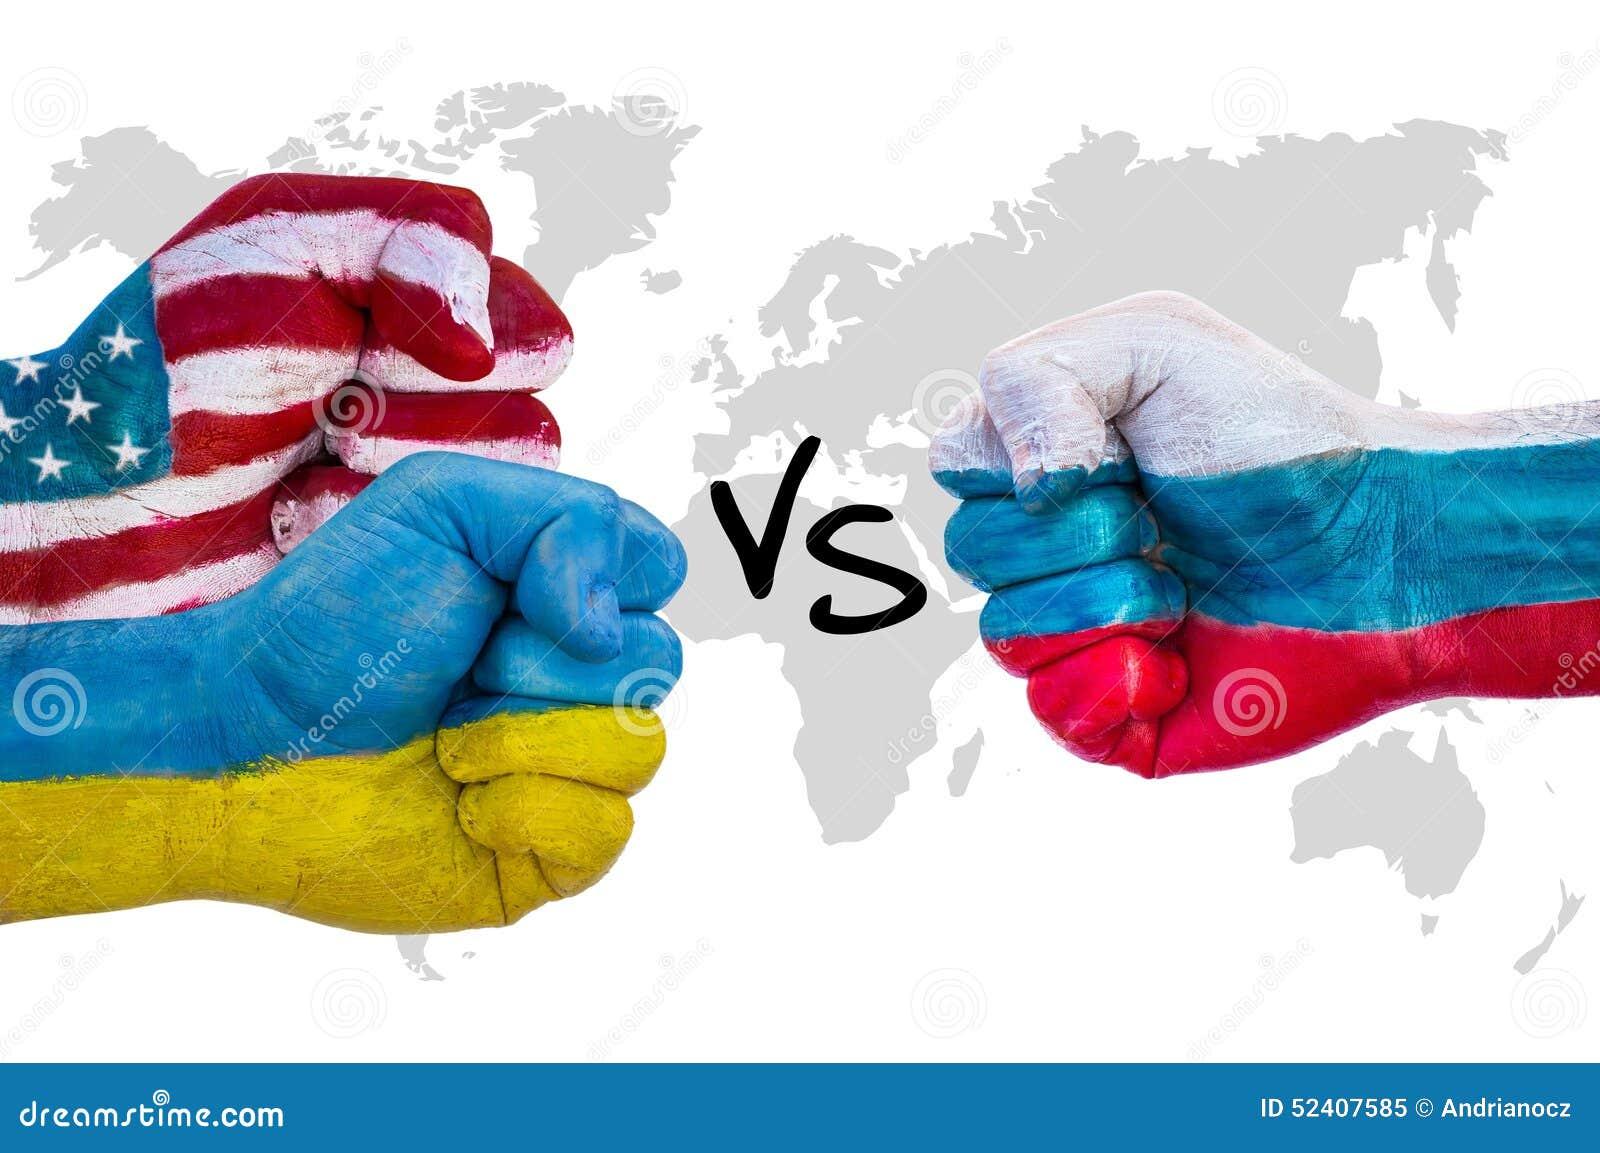 Картинки по запросу Россия Украина против сша